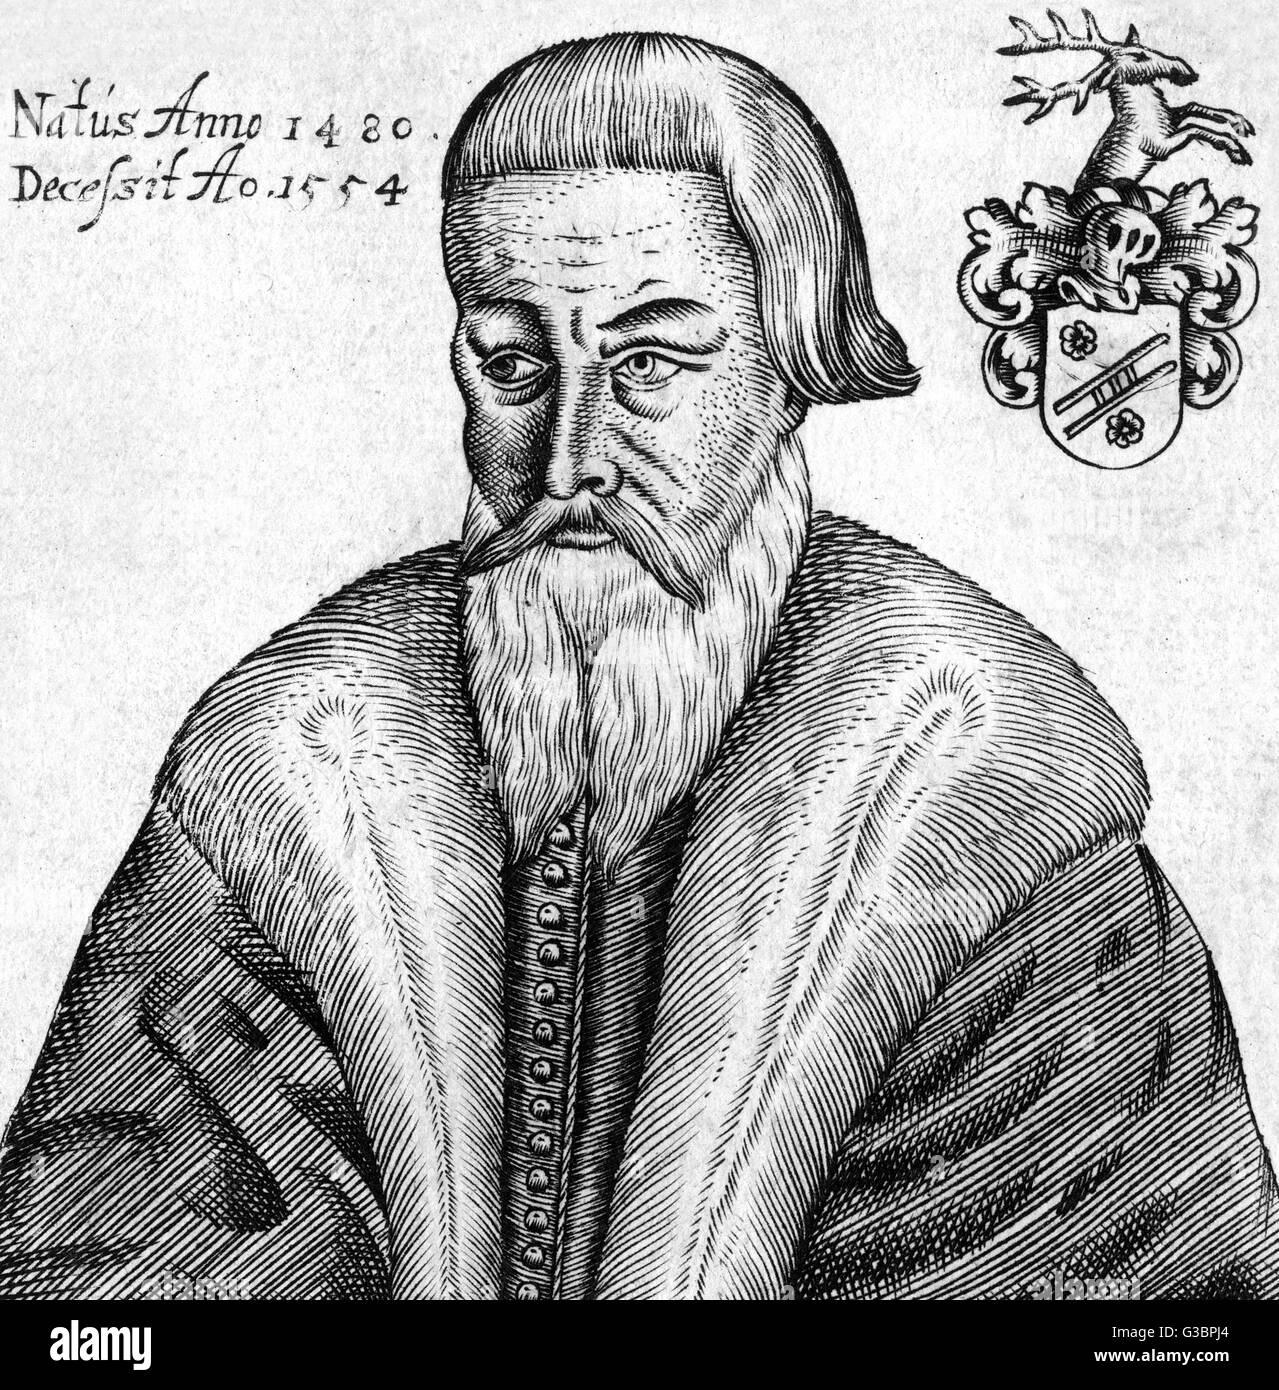 Jérôme SCHURFF juriste et homme d'État suisse Date: 1481 - 1554 Photo Stock